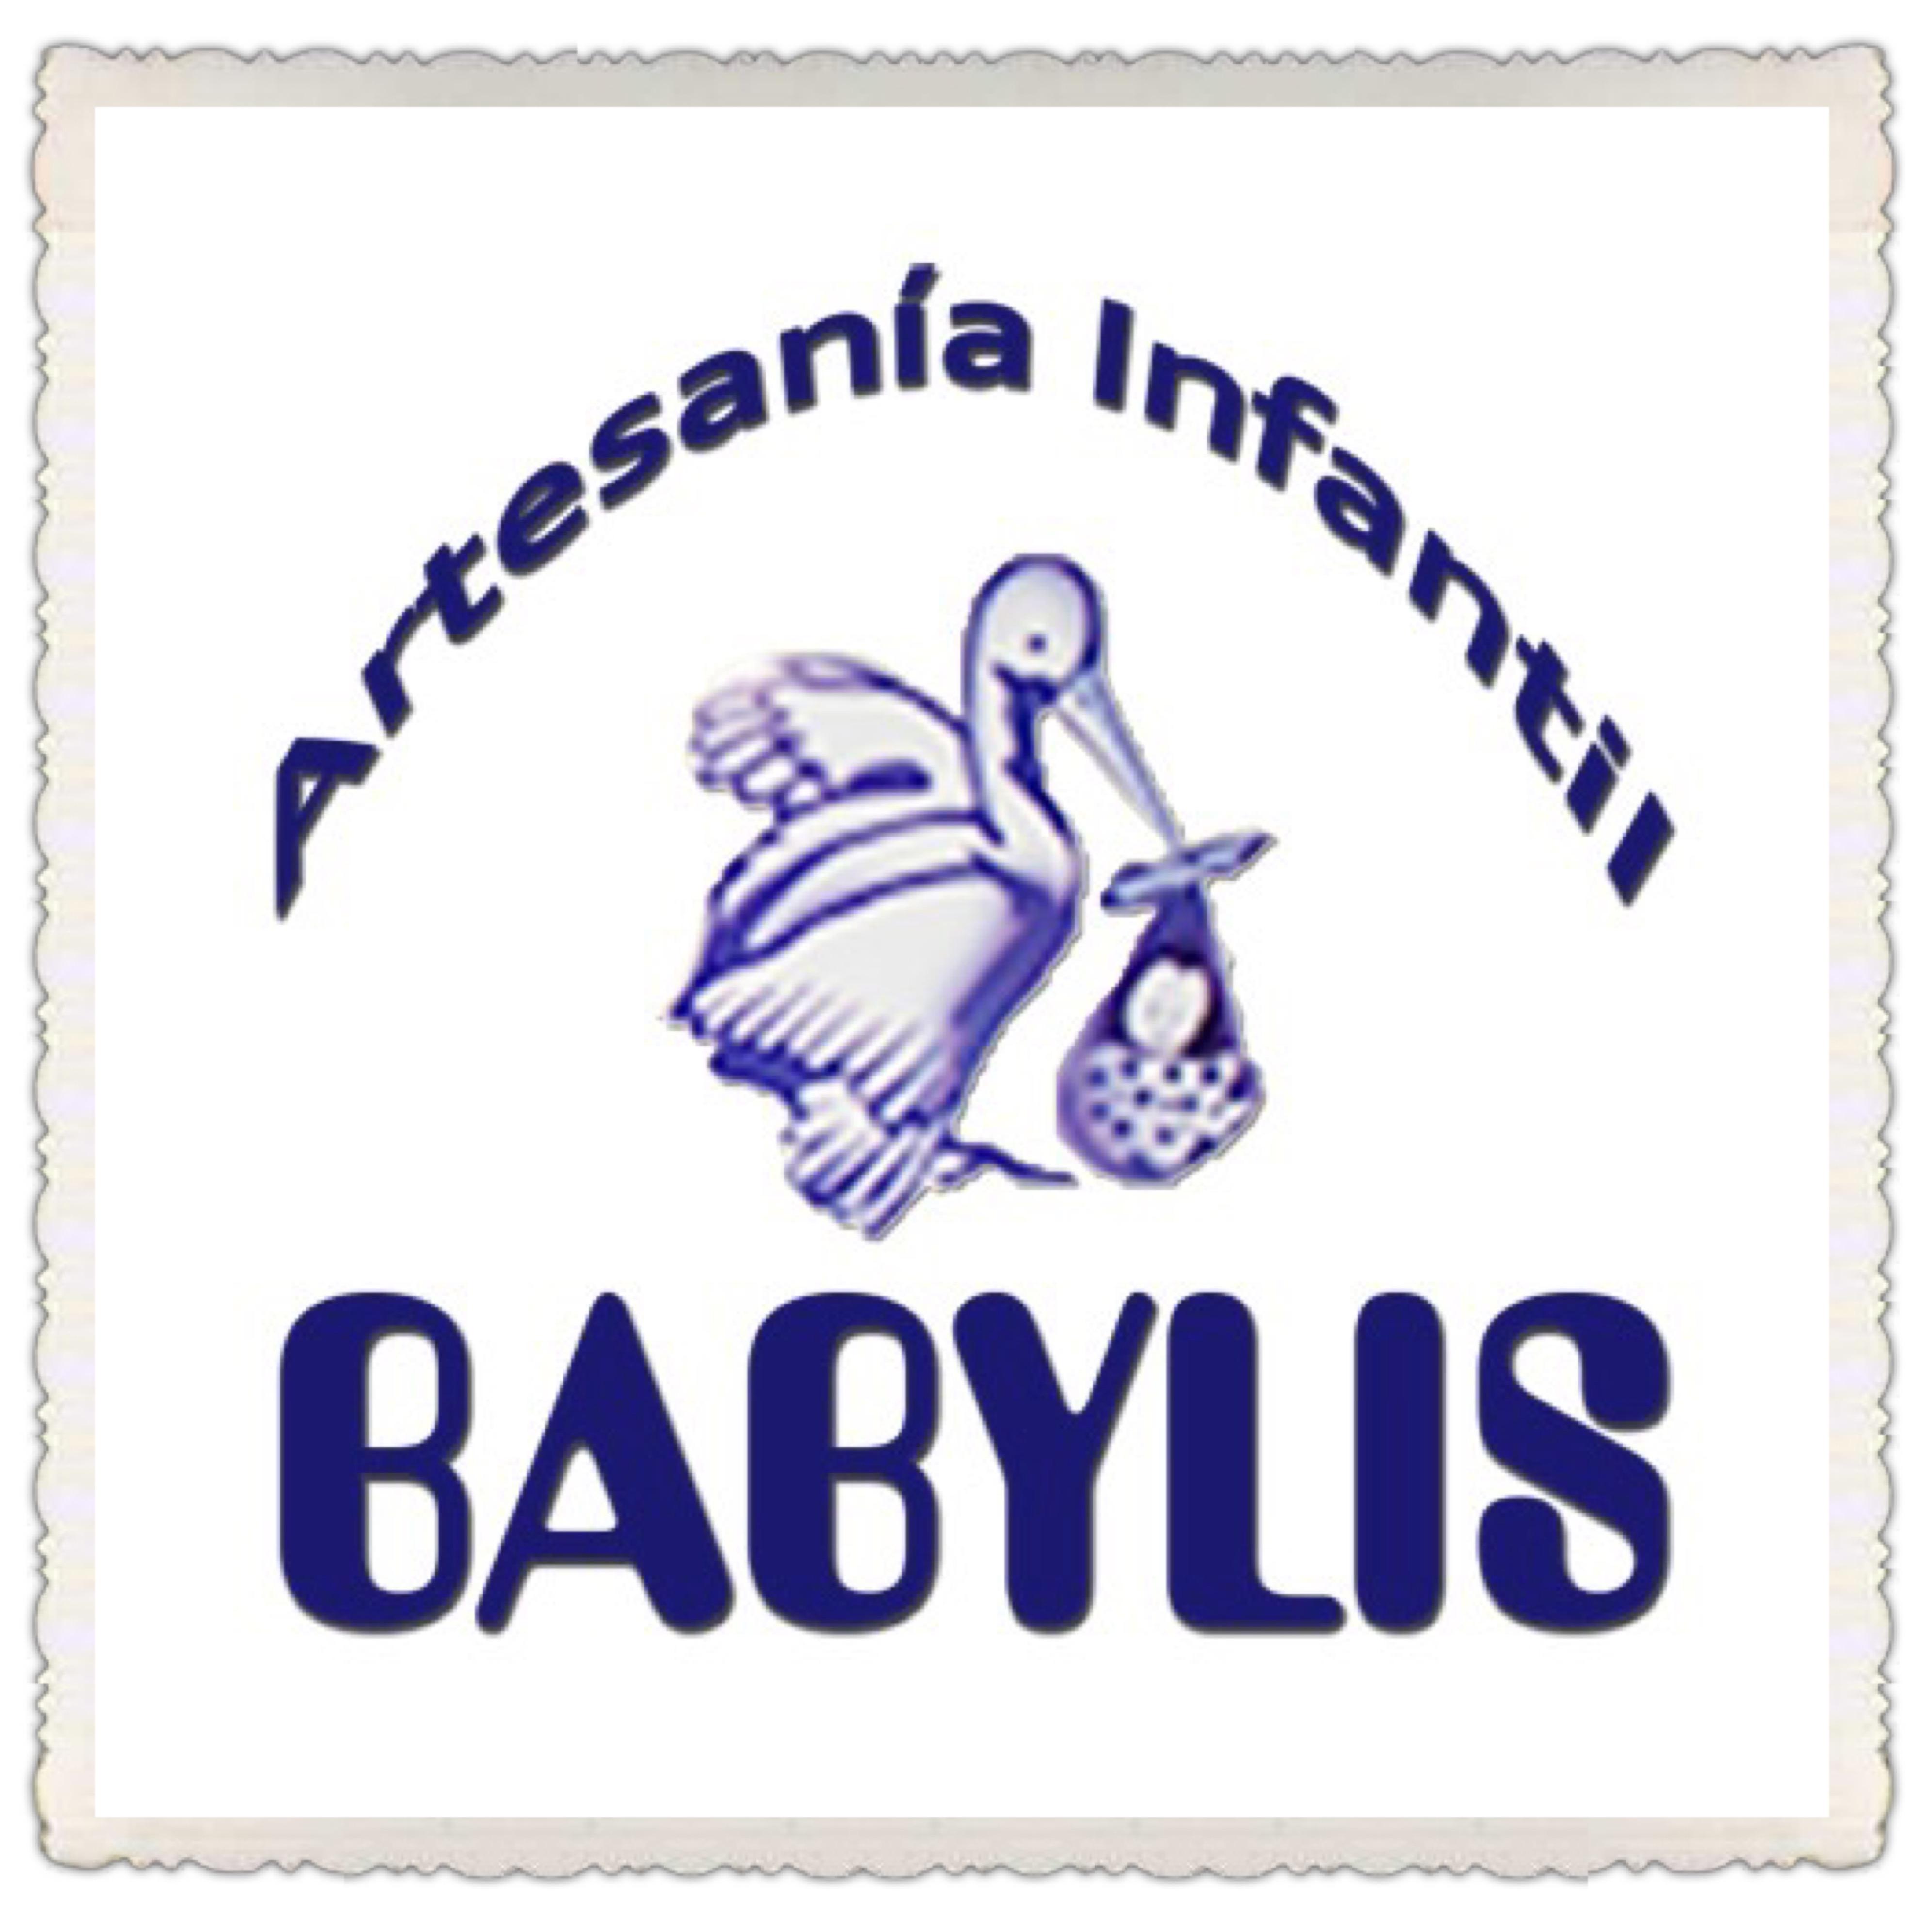 Babylis